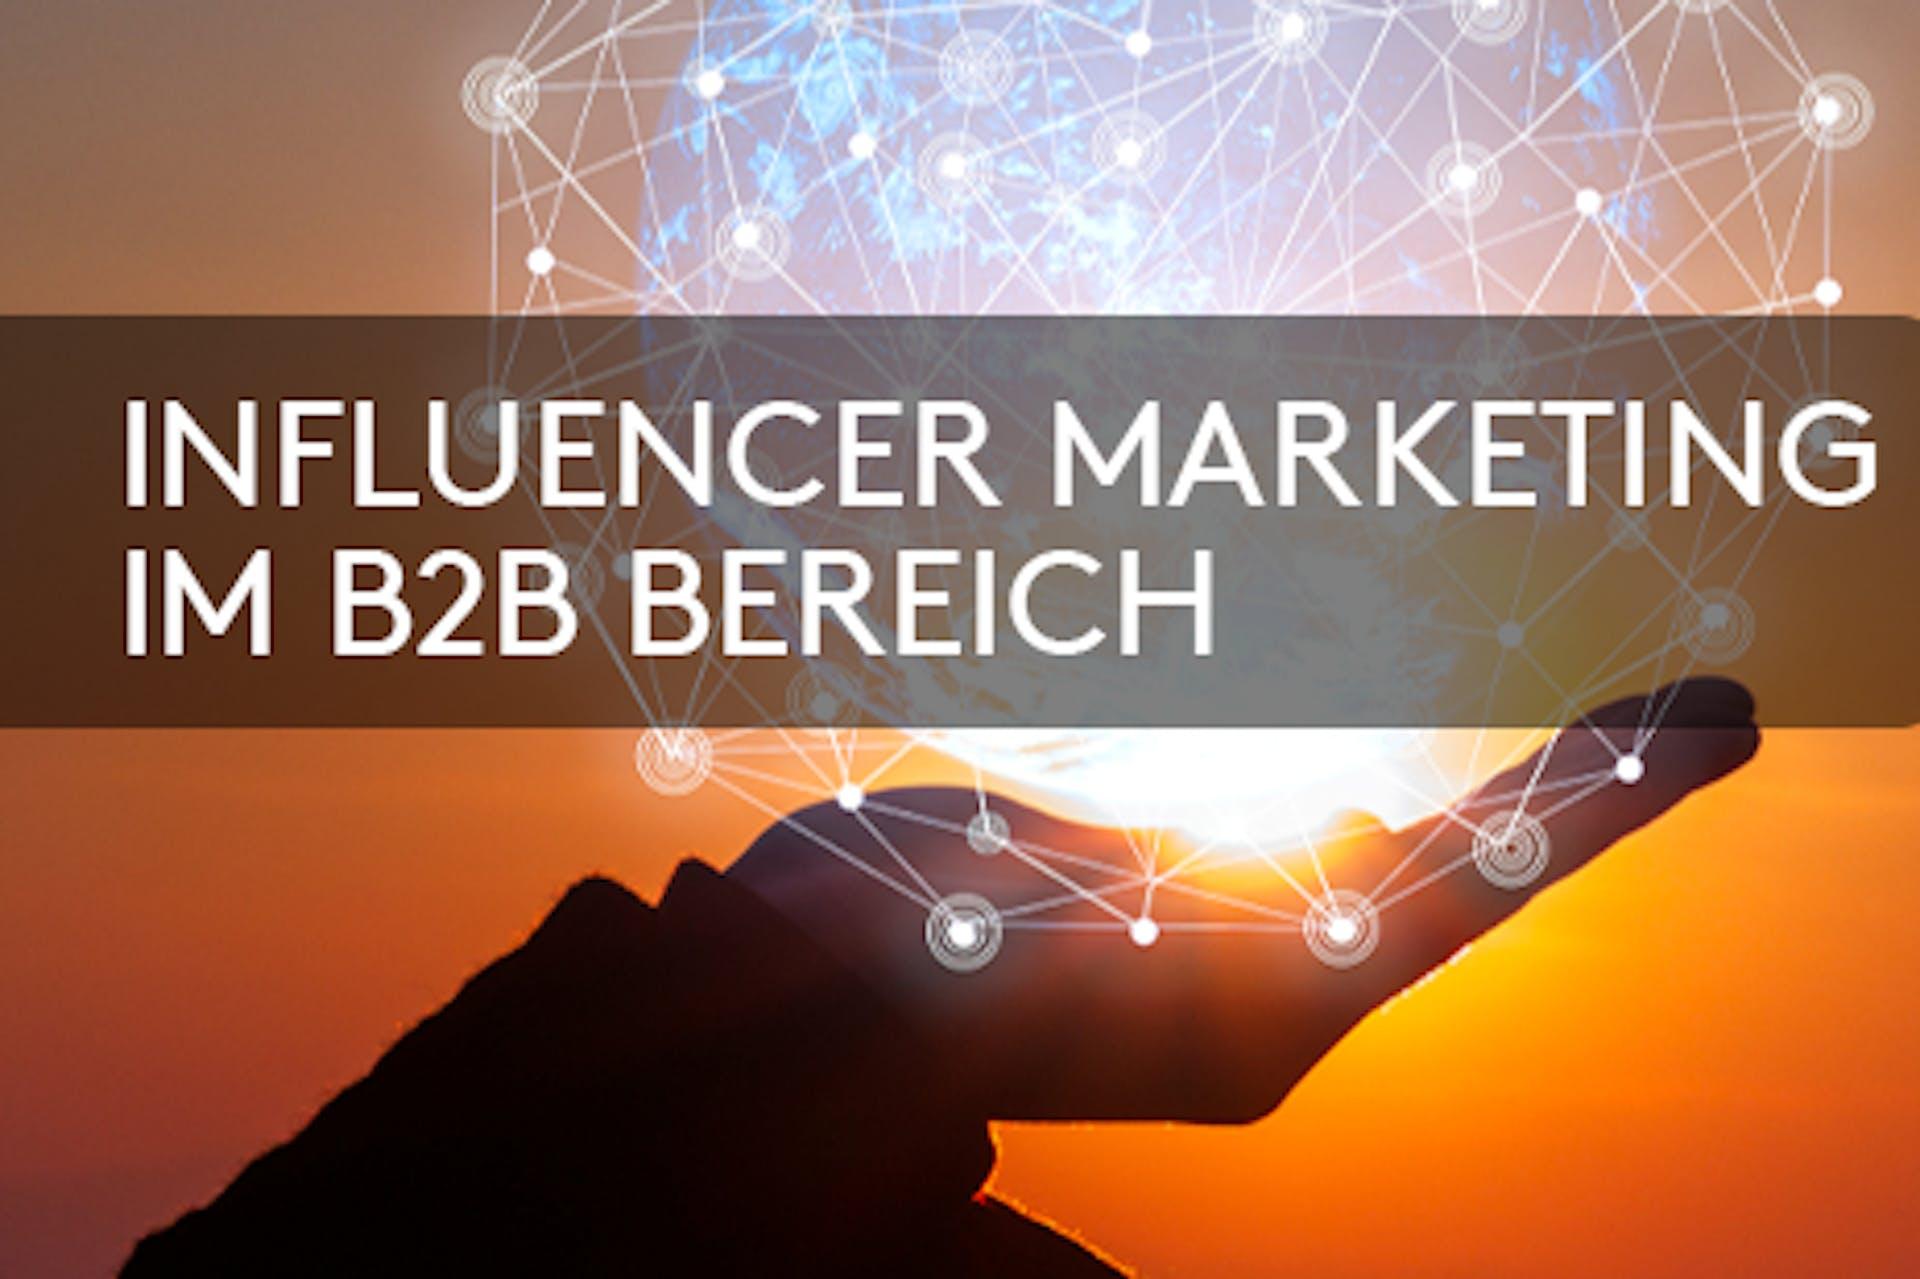 Hand im Sonnenuntergang hält die Sonne Aufschrift Influencer Marketing im B2B Bereich